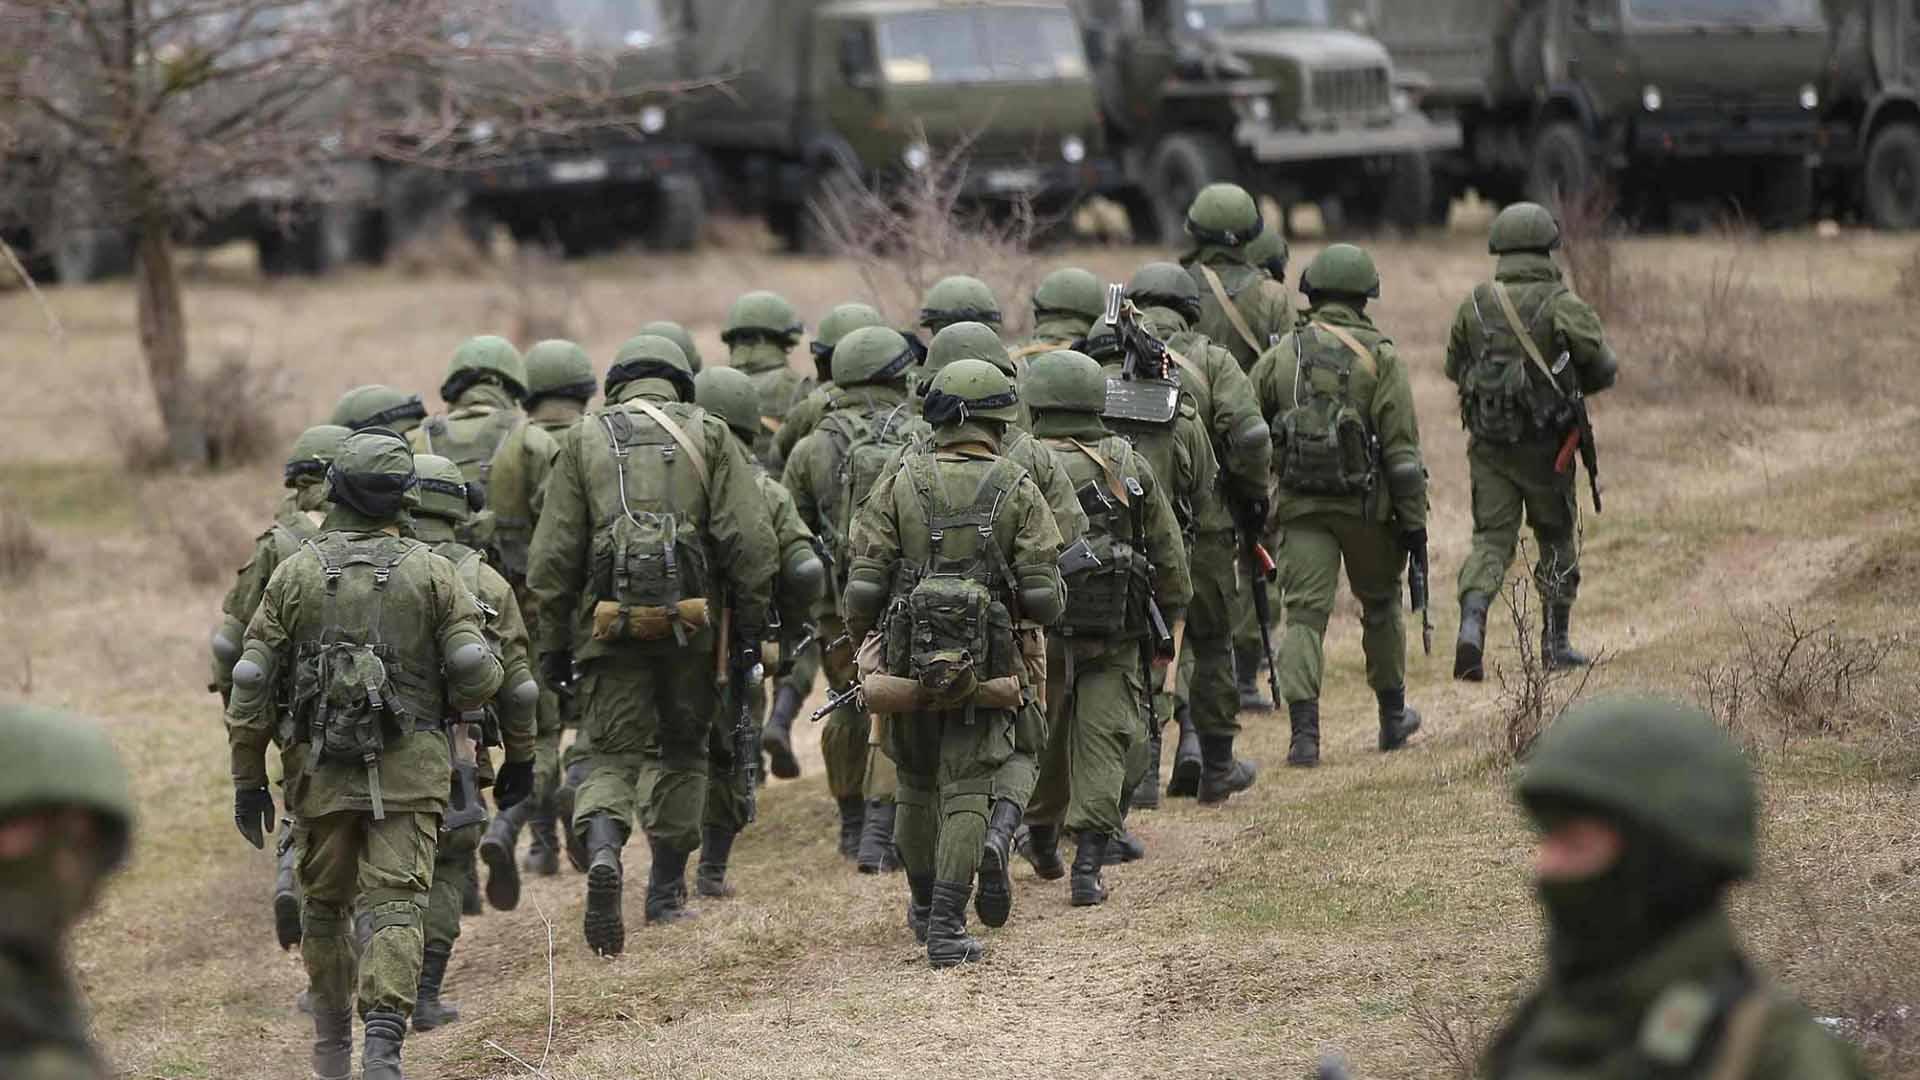 Las tropas reforzarían el adiestramiento del ejército nicaragüense y fortalecen la presencia de militares extranjeros en el país